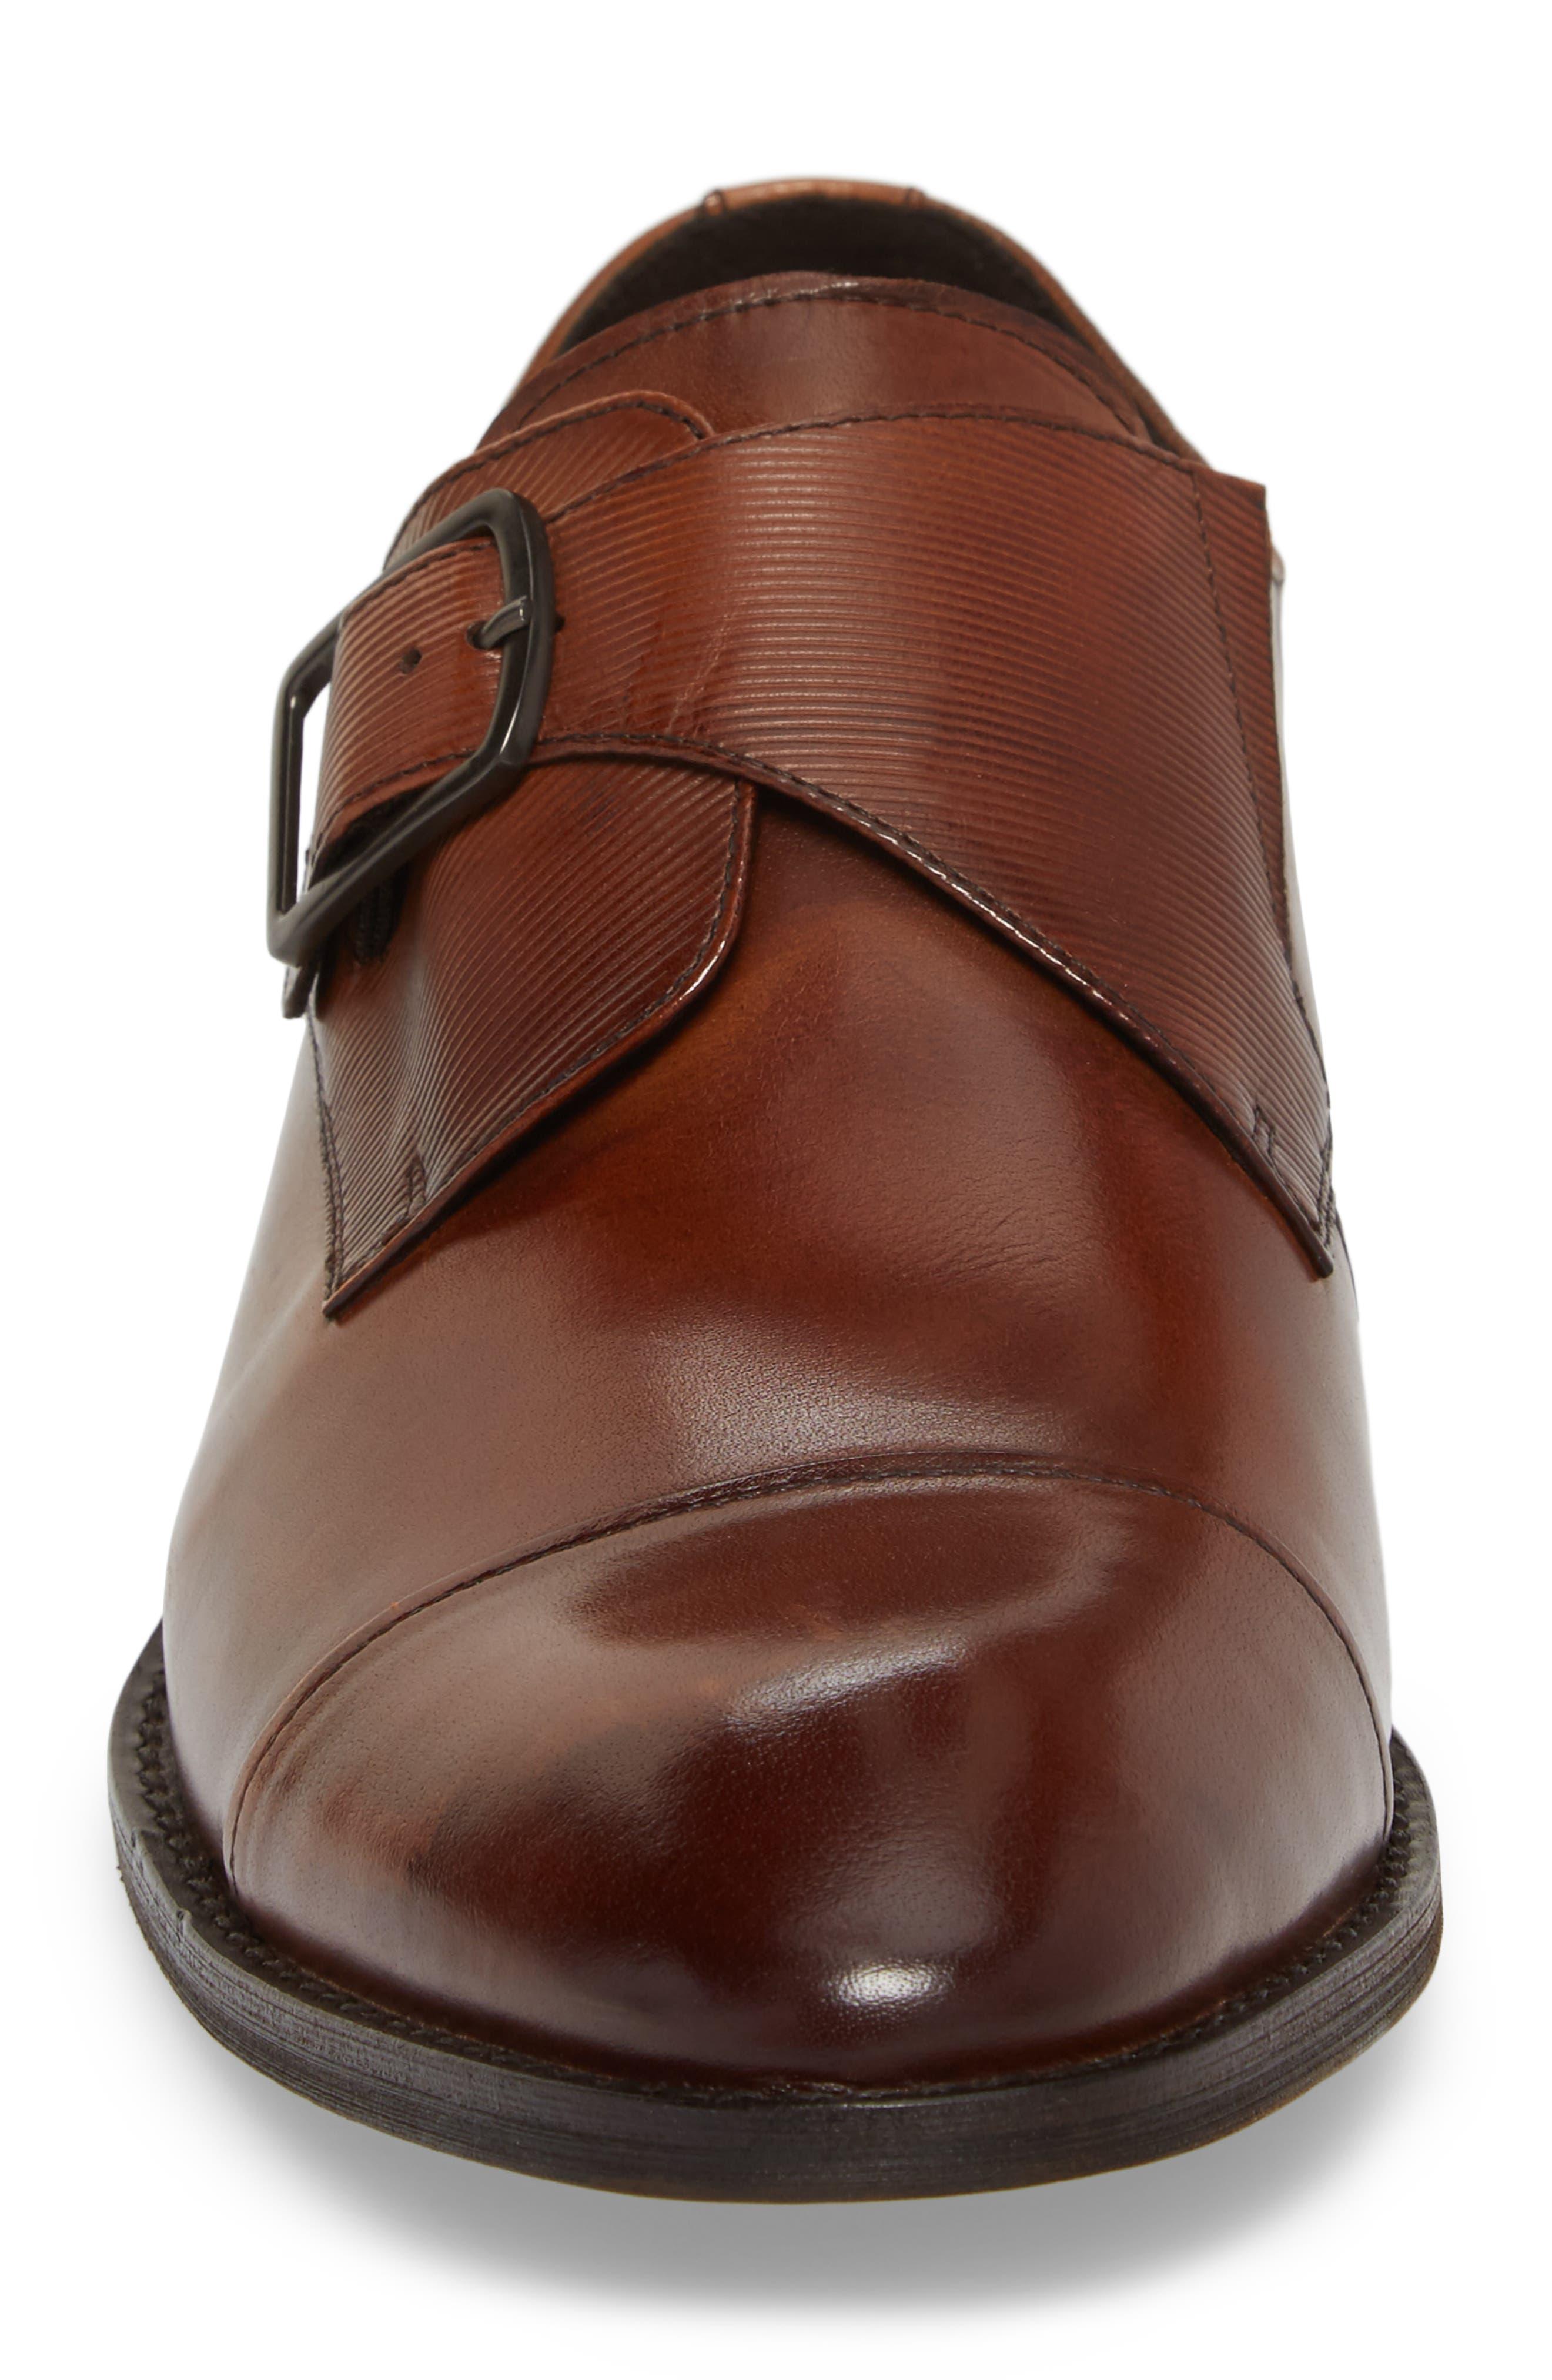 Courage Monk Strap Shoe,                             Alternate thumbnail 4, color,                             Cognac Leather